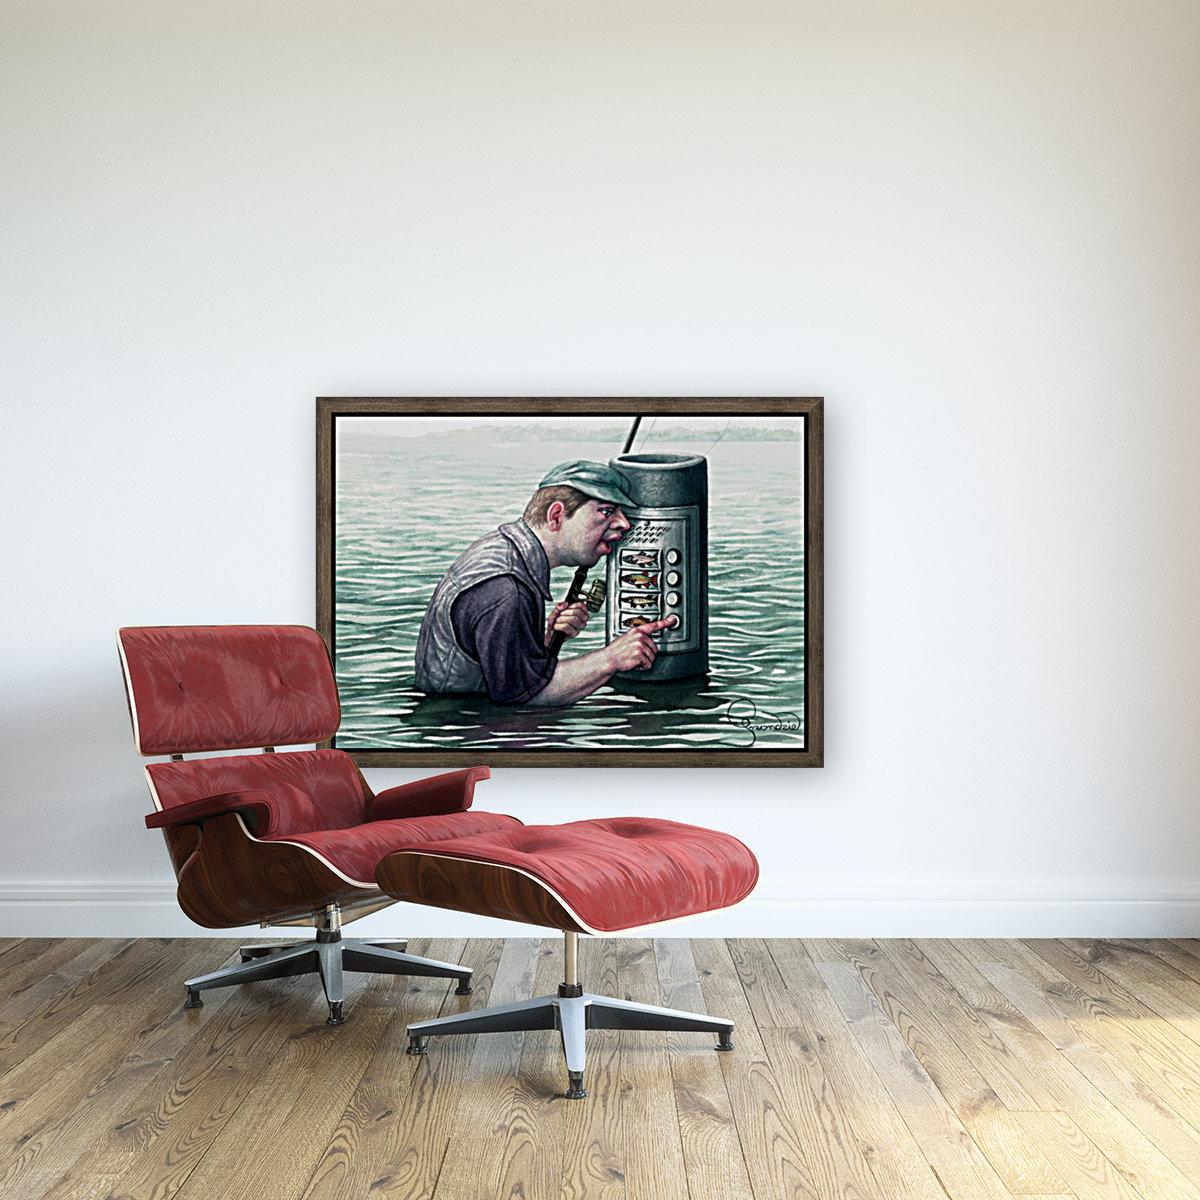 Call for fish by Krzysztof Grzondziel  Art